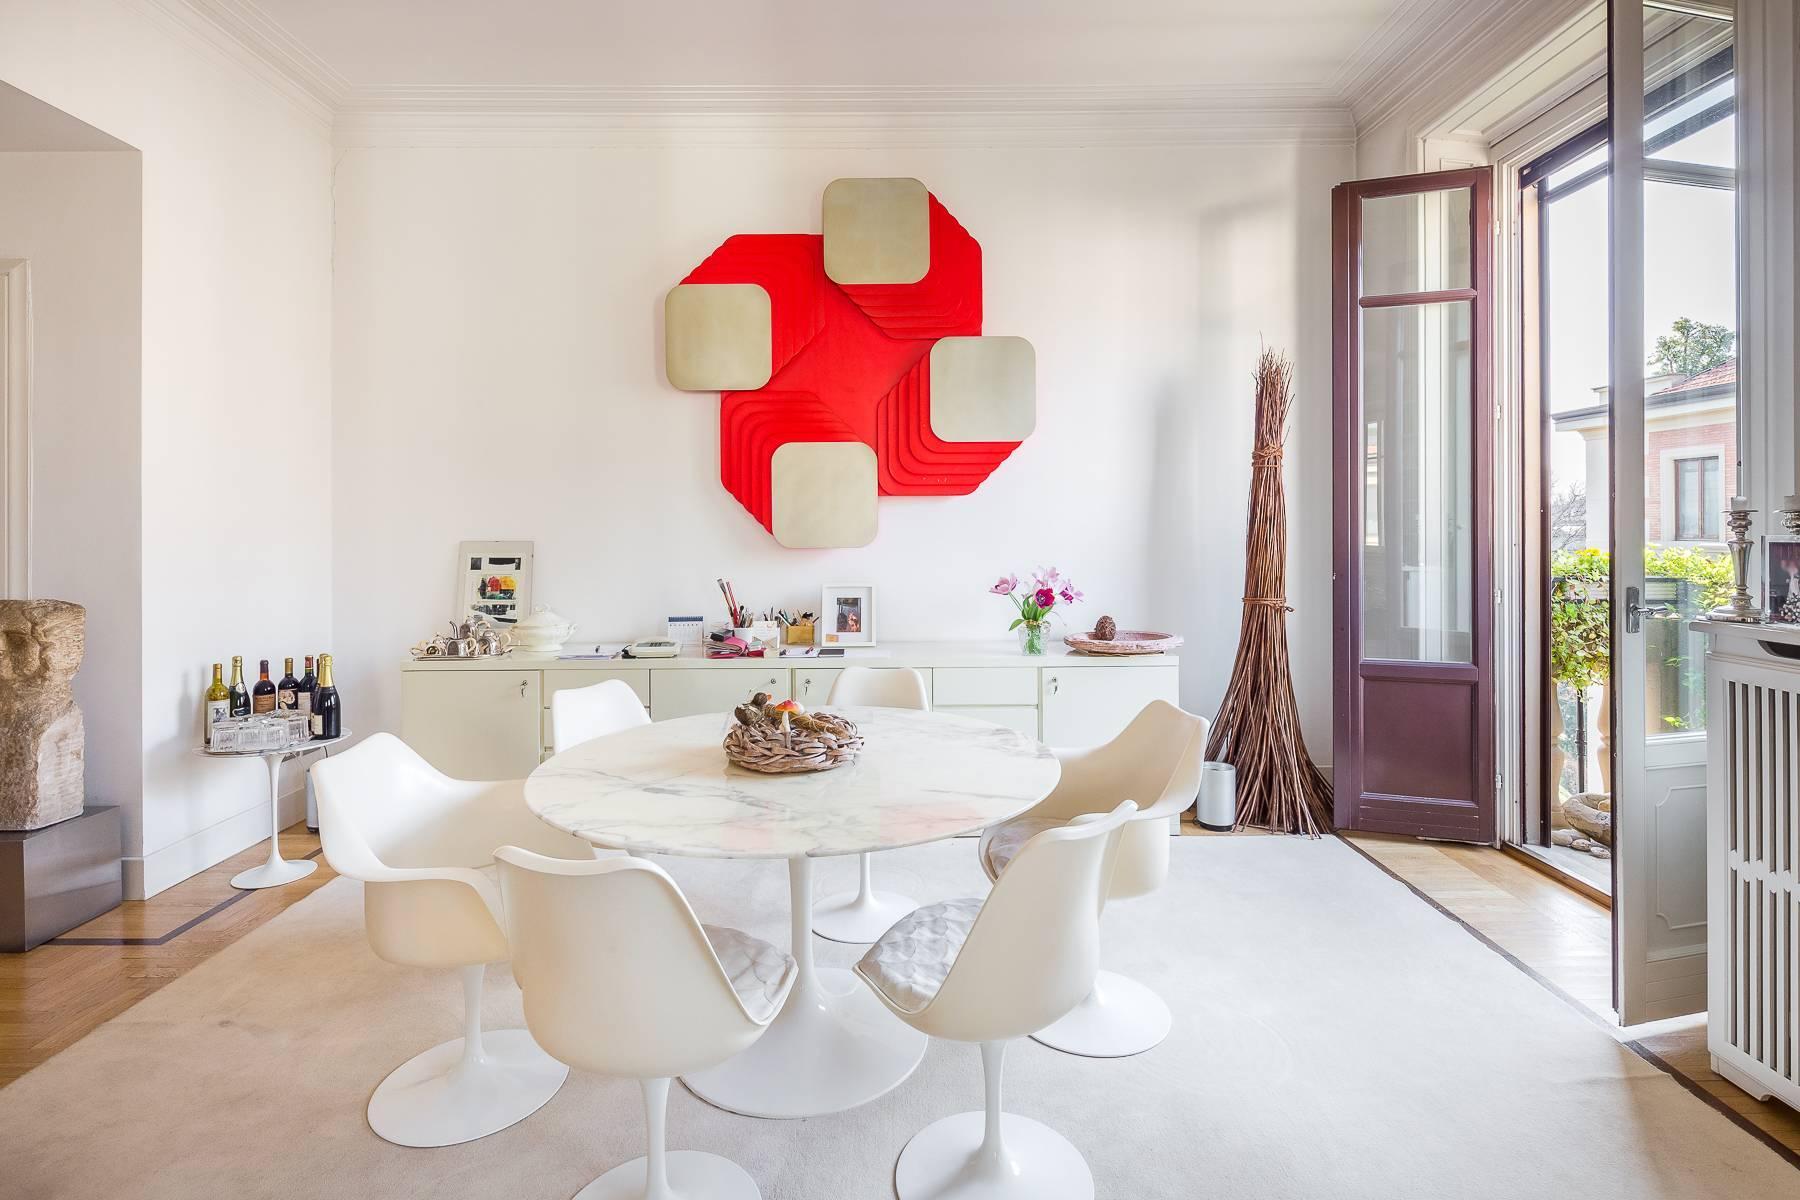 Appartamento esclusivo di 200 mq in nuda proprietà in un palazzo d'epoca - 4